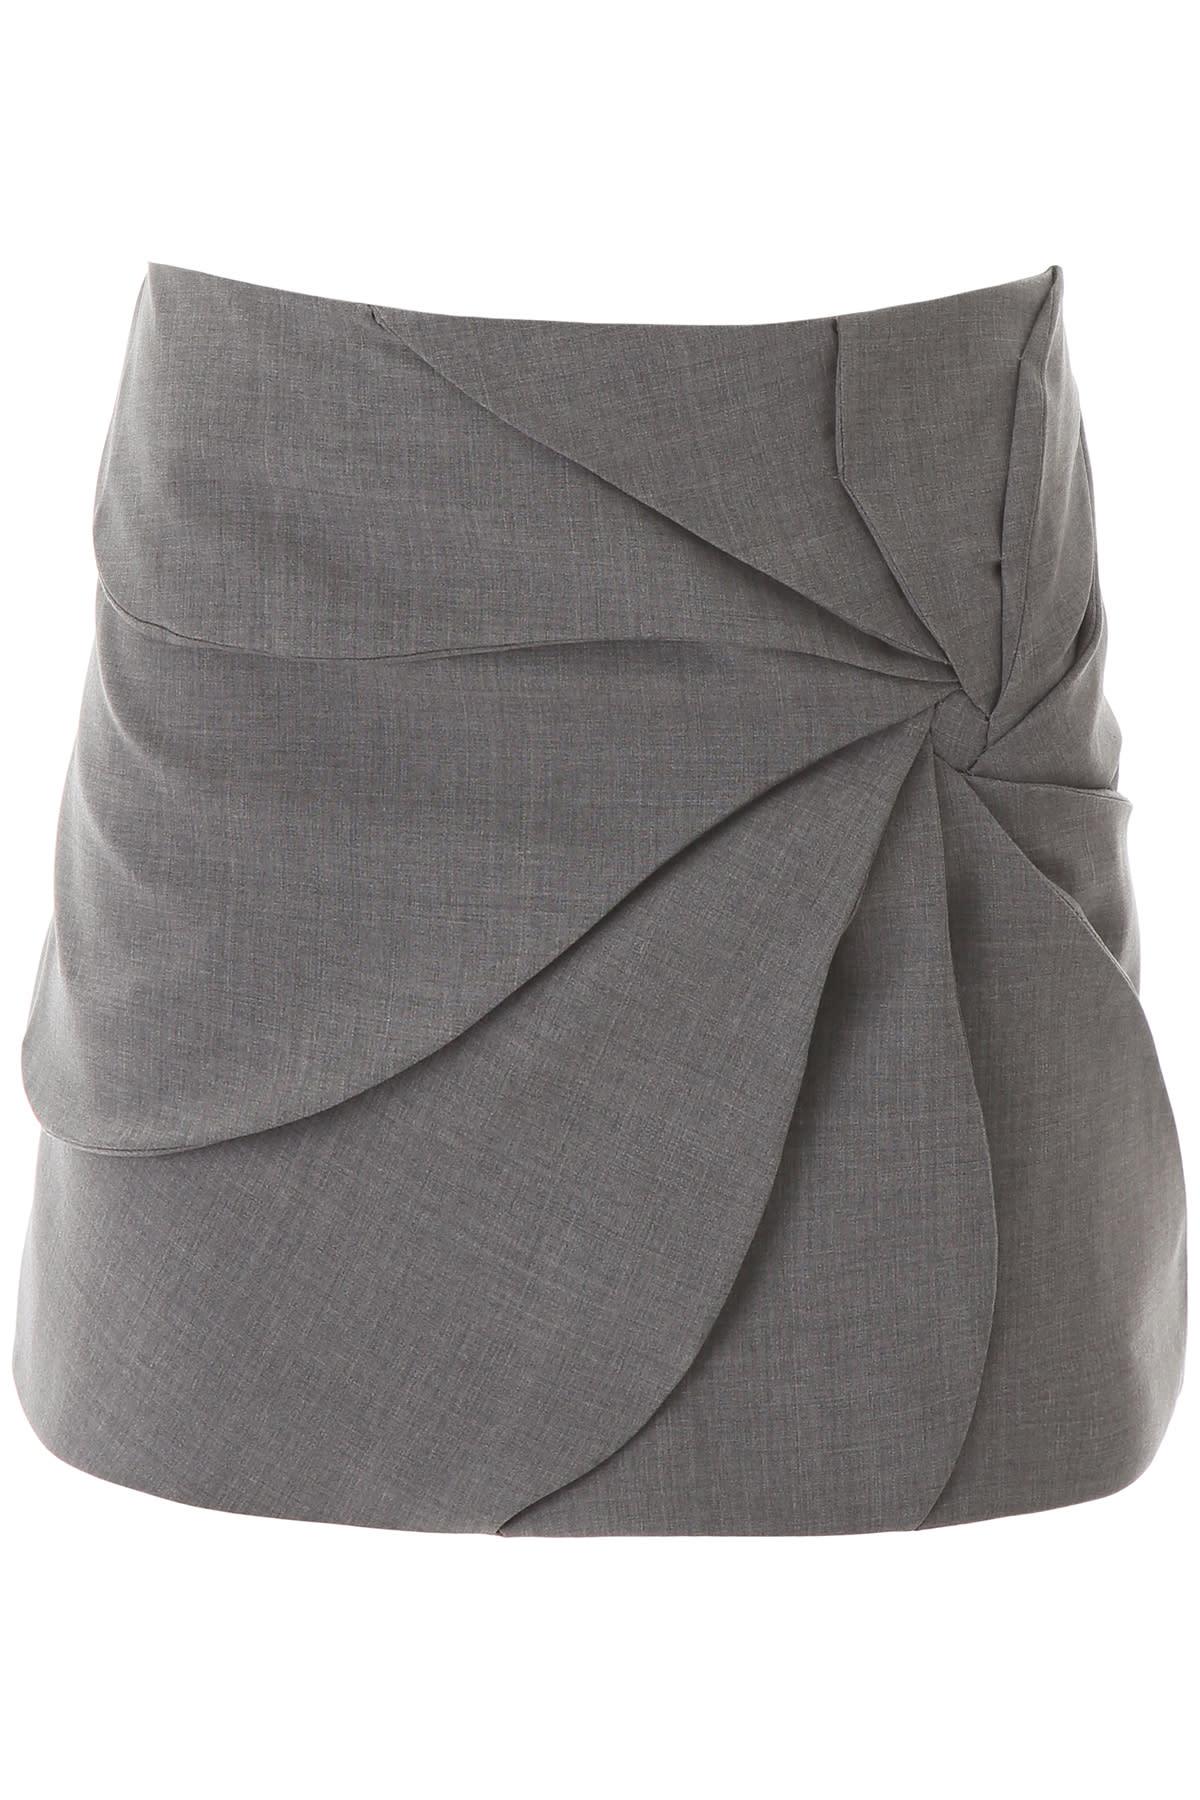 Coperni Draped Mini Skirt